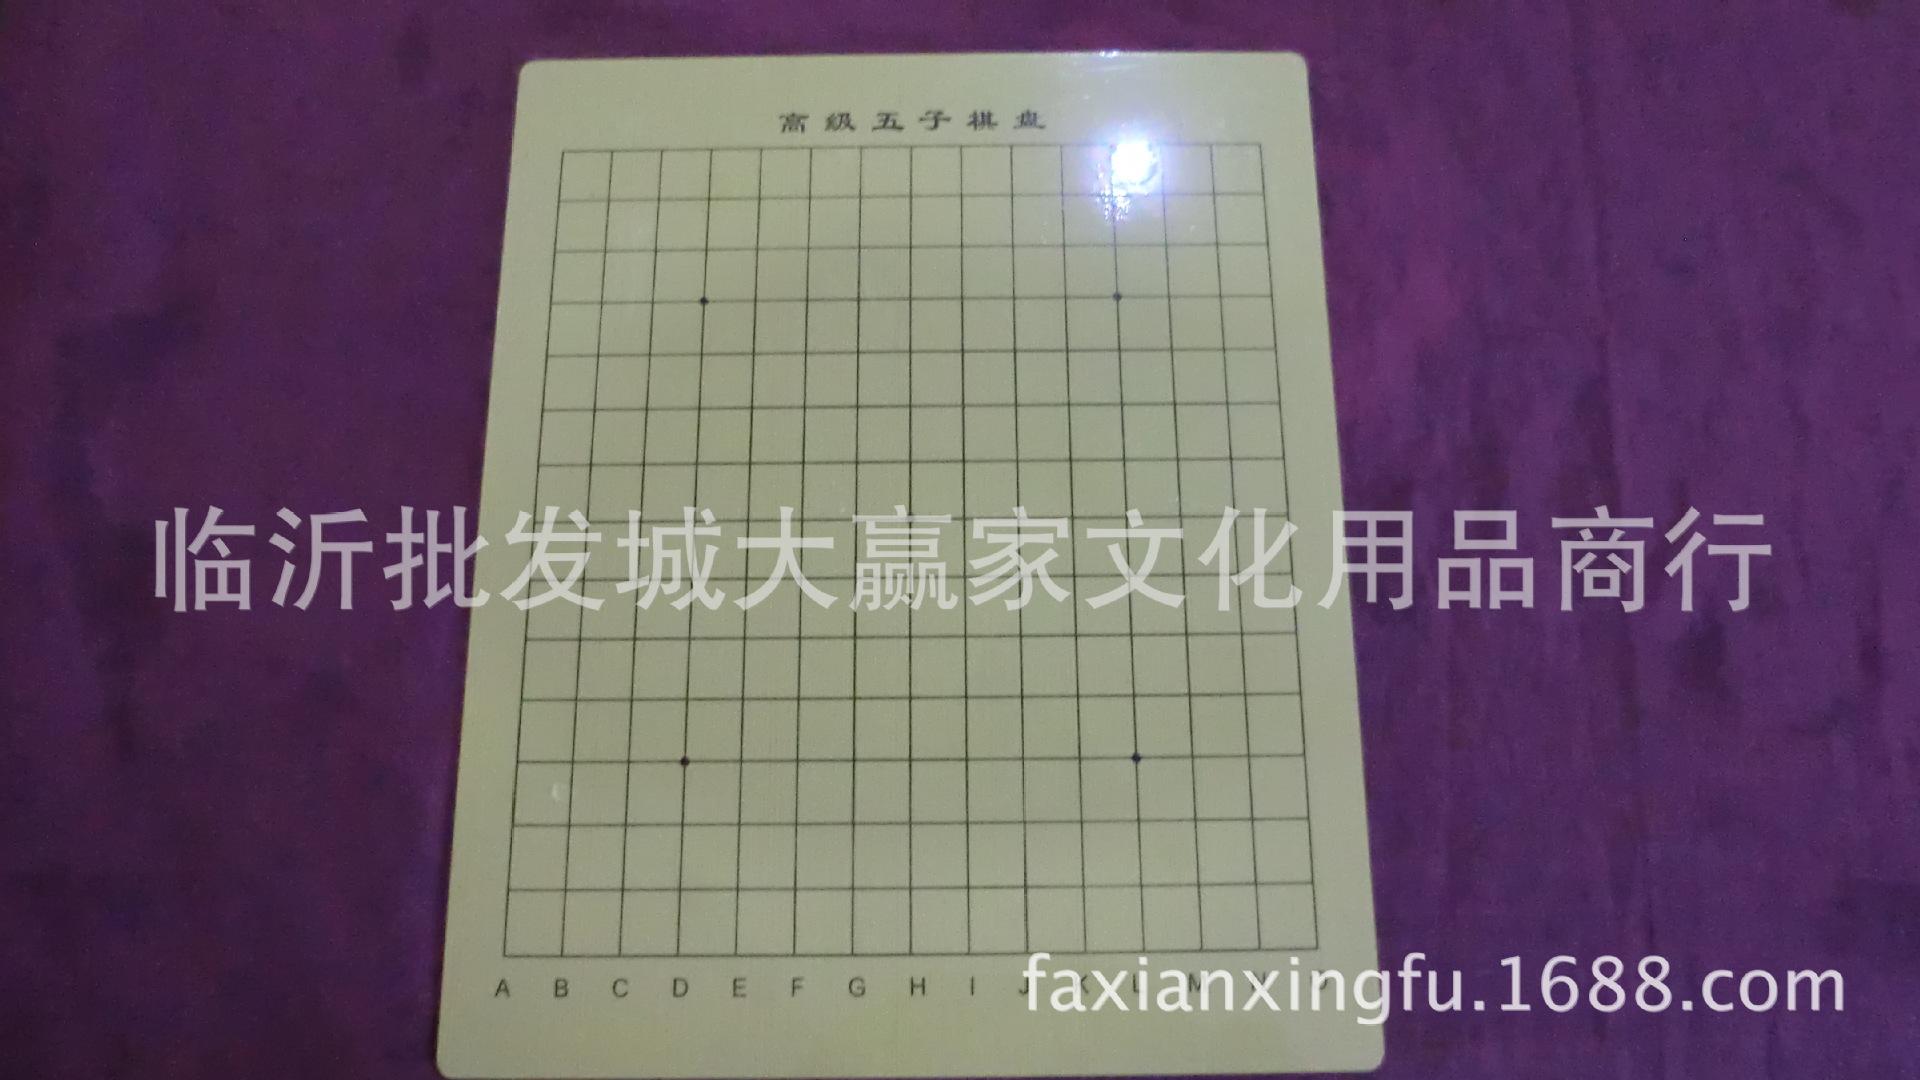 军棋棋盘尺寸_茗茶网陆战棋跳棋折叠棋盘儿童玩具象棋磁姓